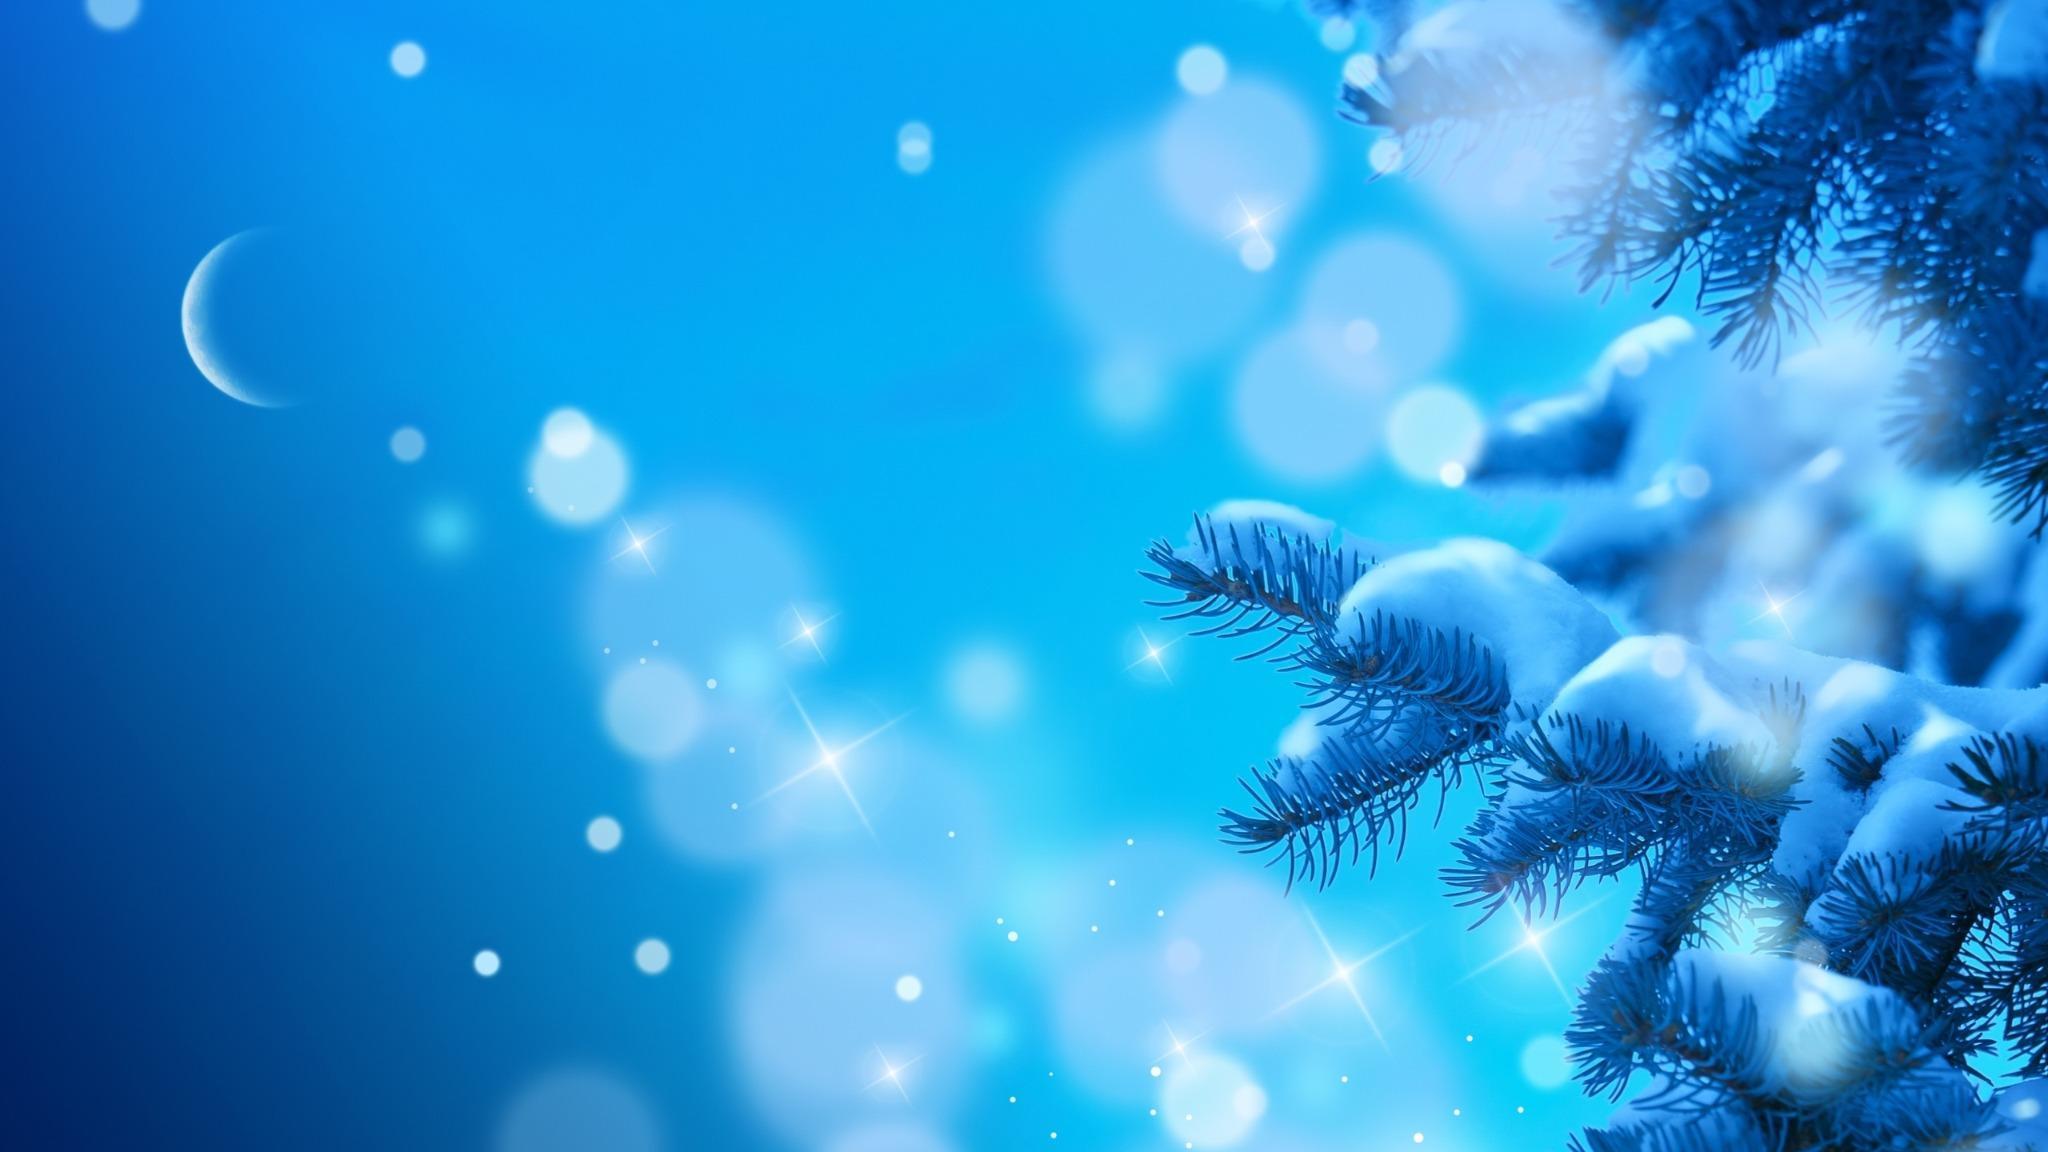 Зимняя открытка фон, дне рождения другу